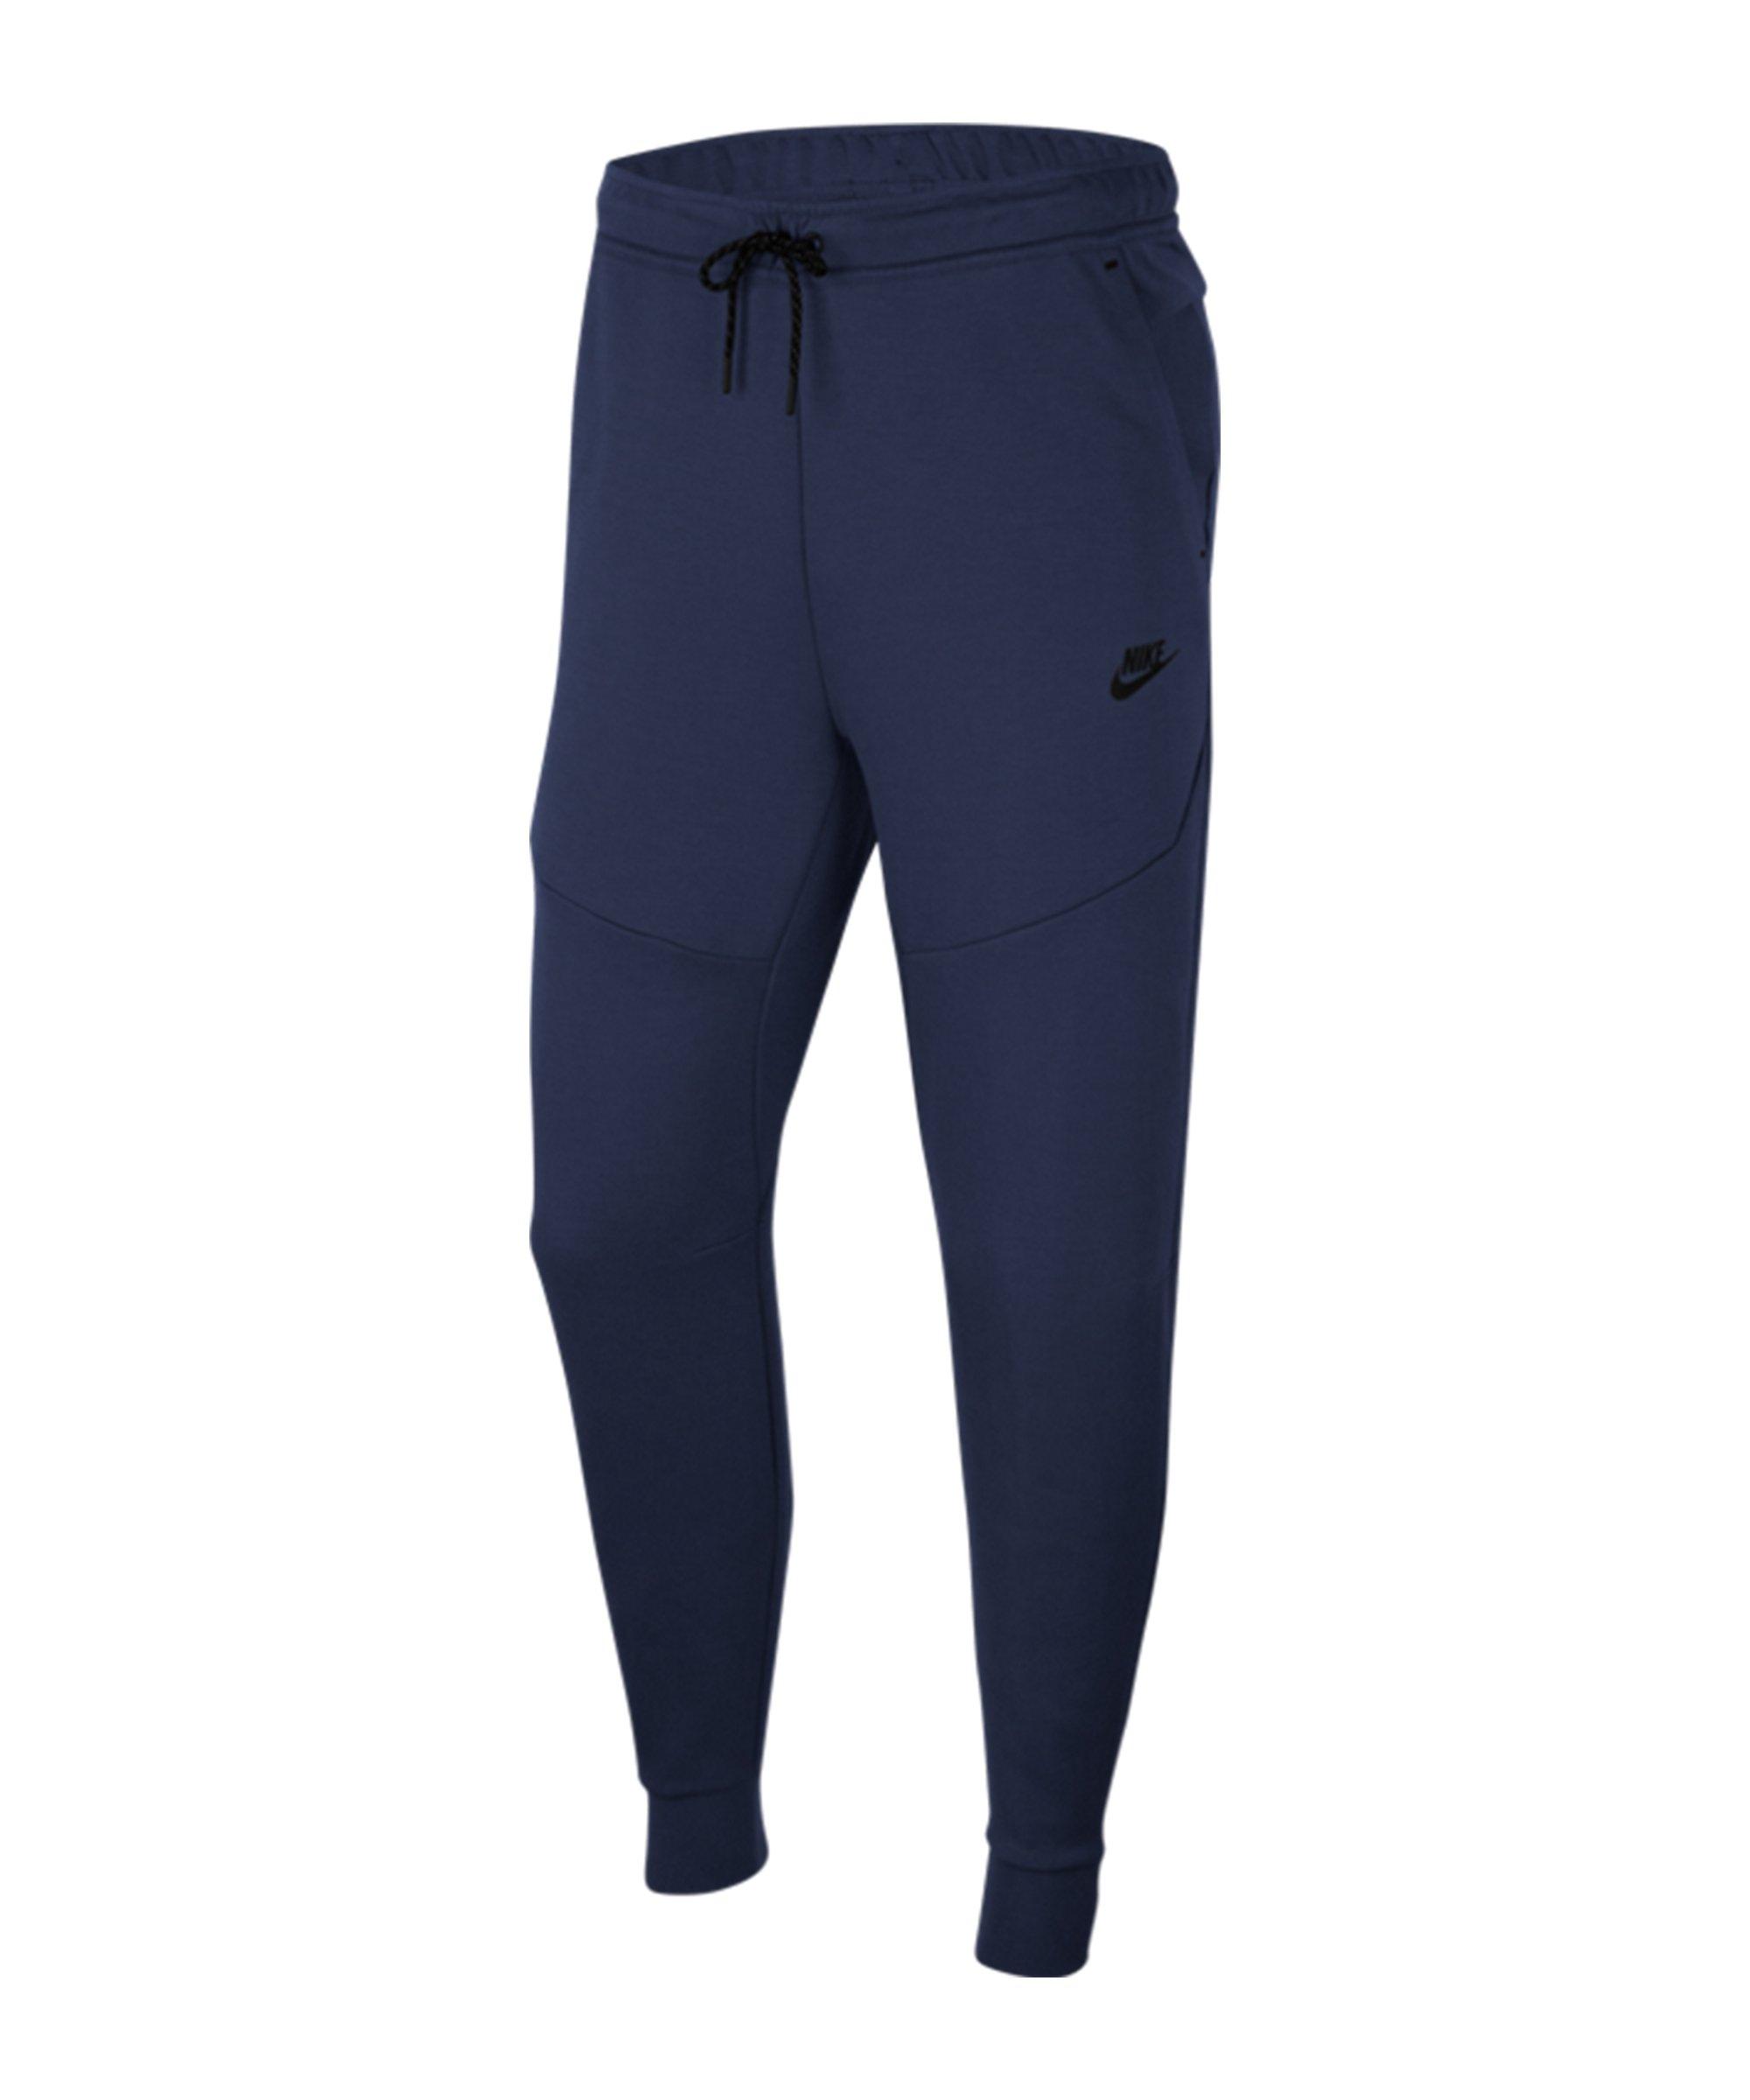 Nike Tech Fleece Jogginghose Blau F410 - blau